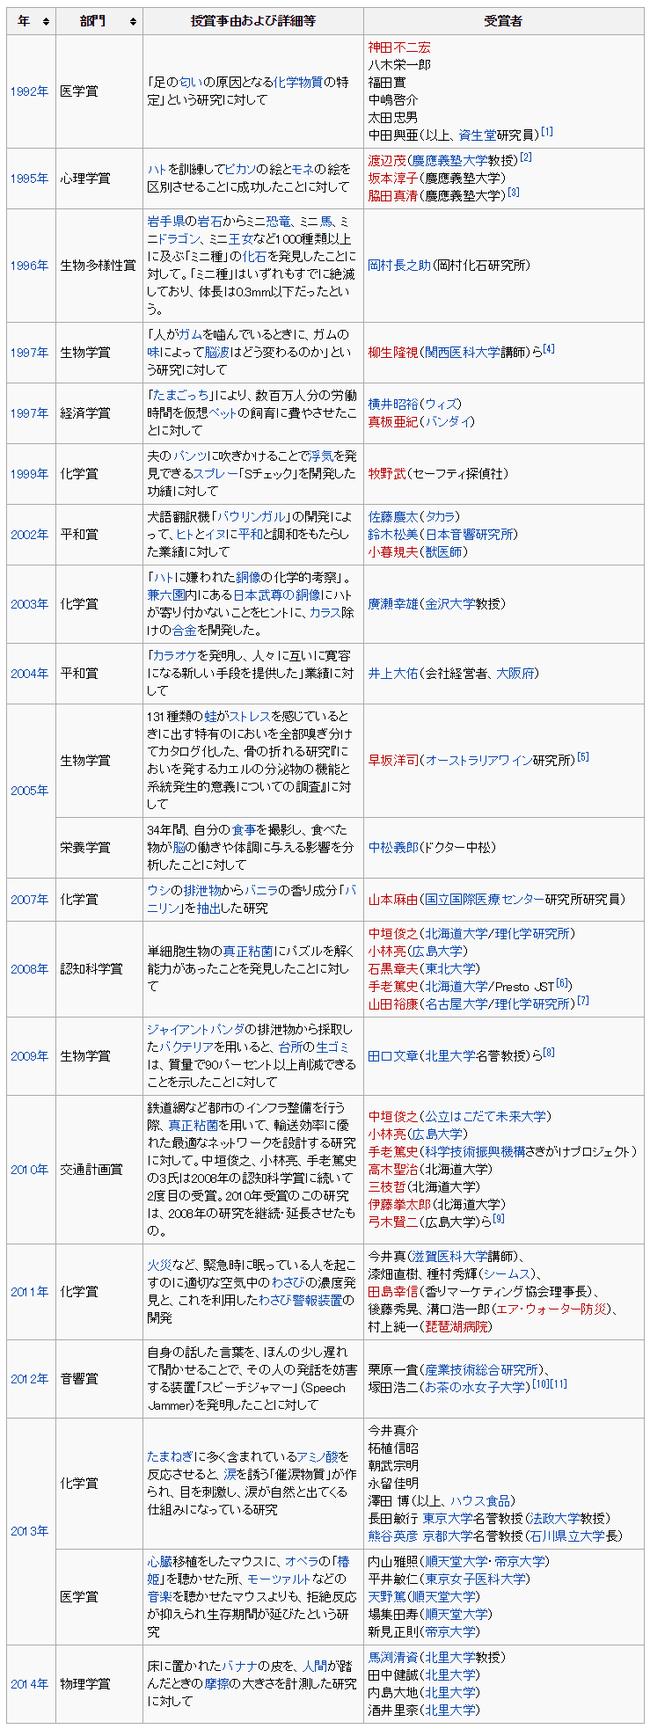 イグノーベル賞日本人受賞者の一覧   Wikipedia